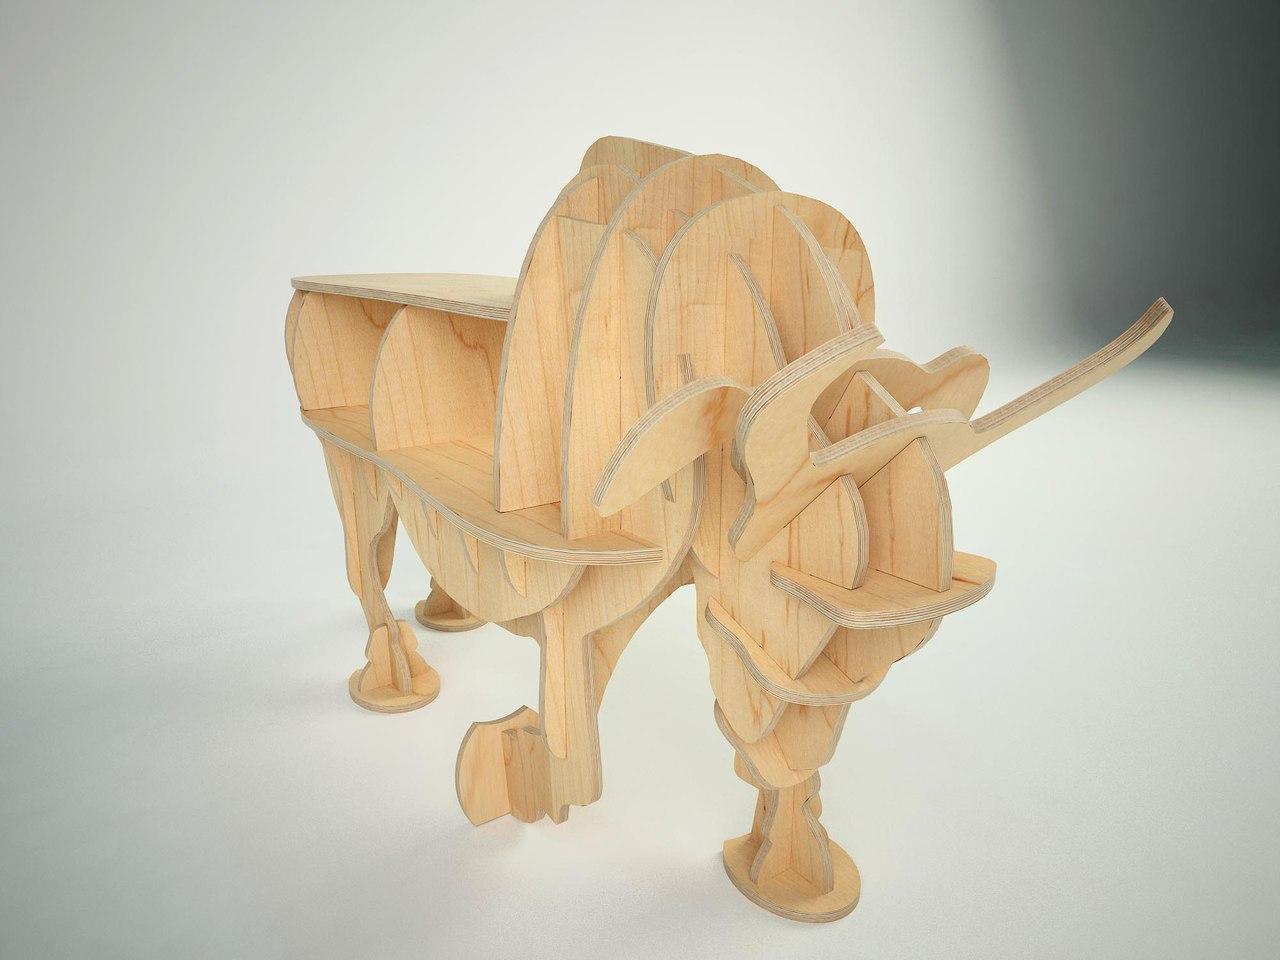 Laser Cut Bull 3d Wooden Puzzle Free CDR Vectors Art